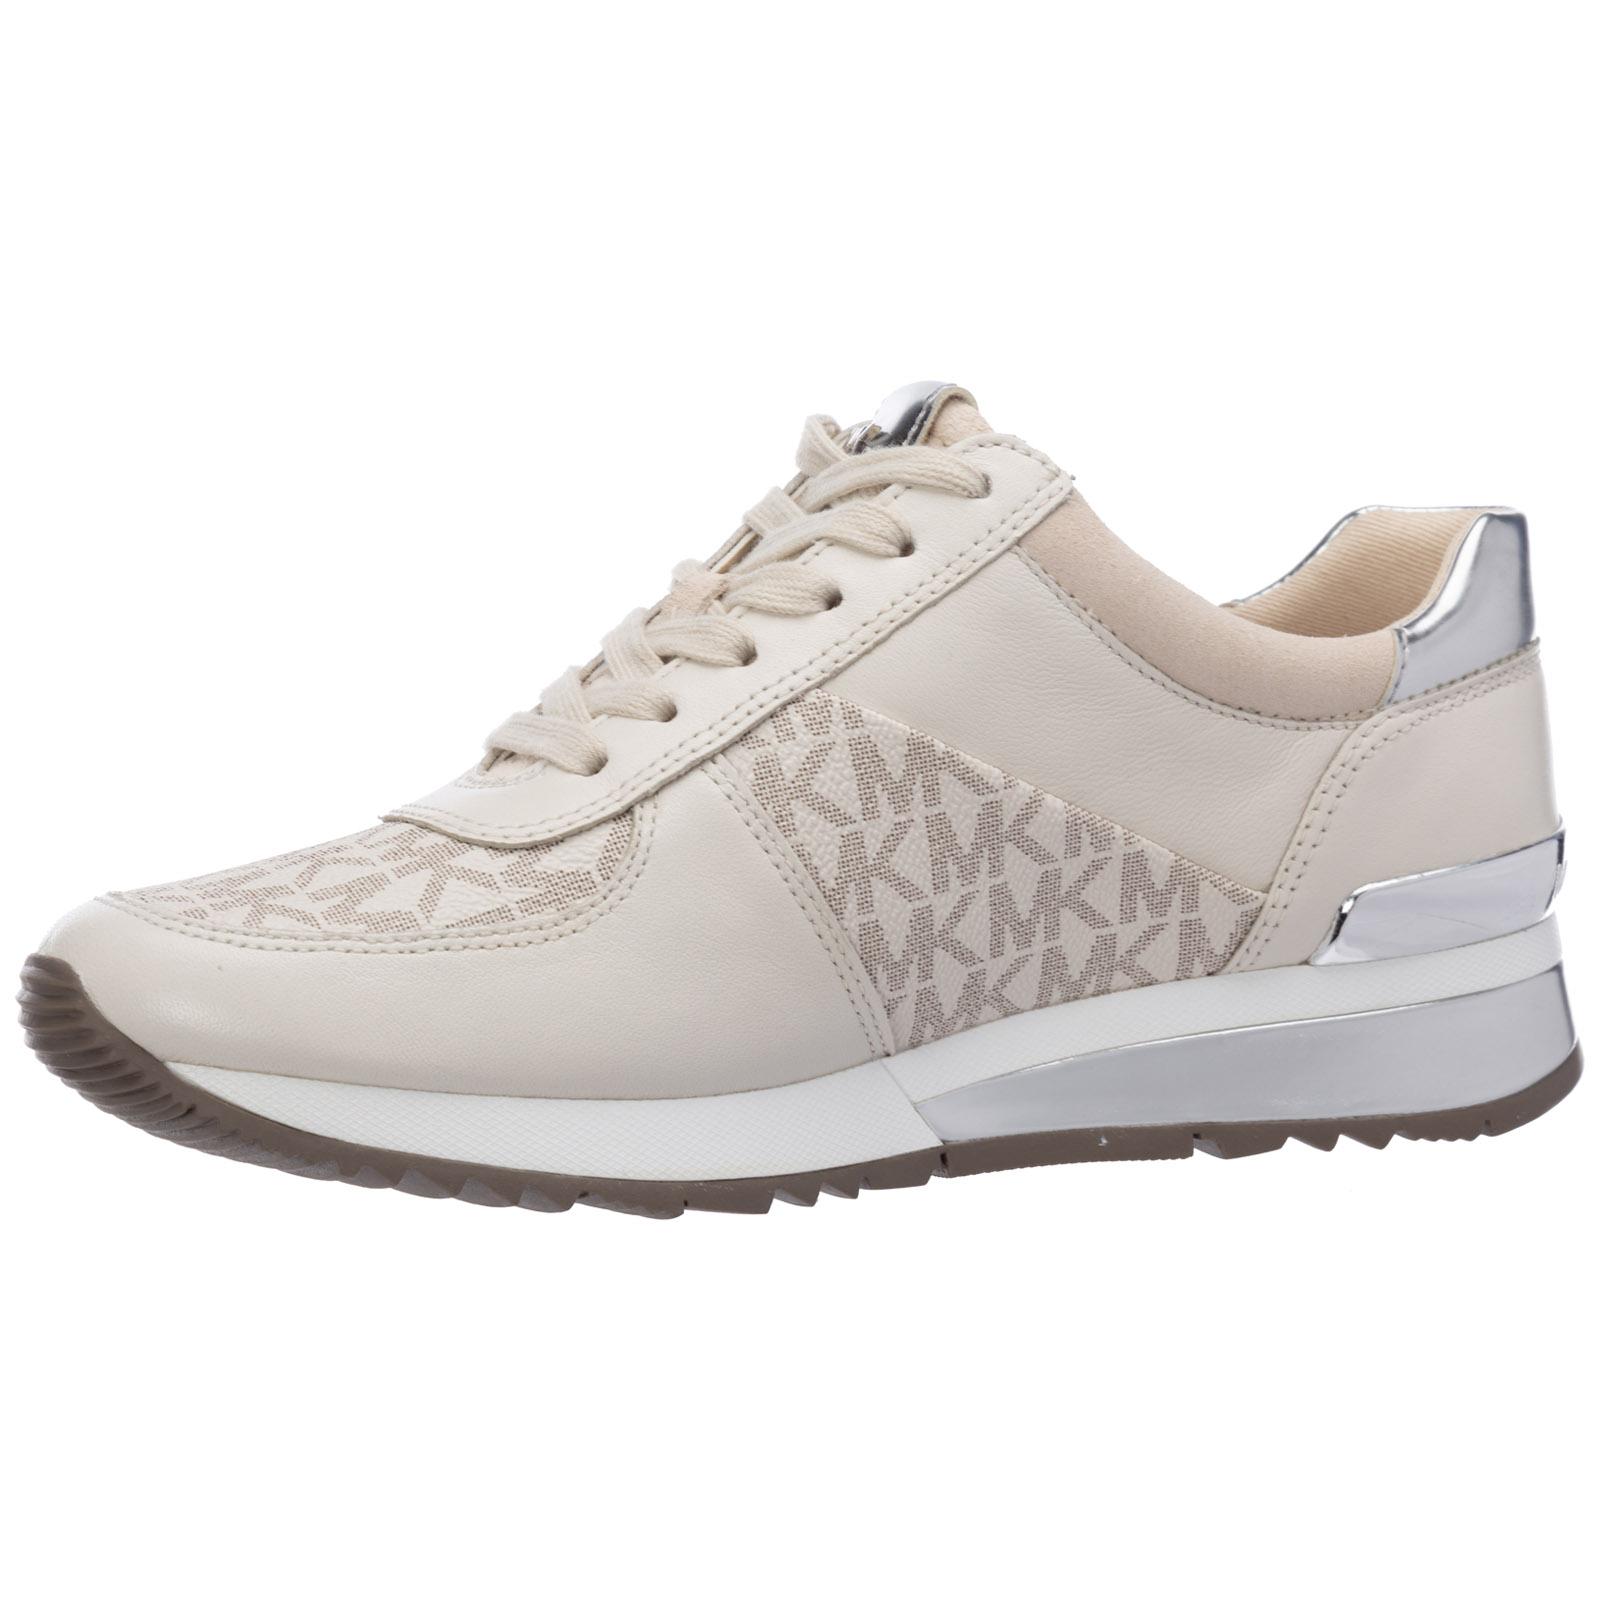 Sneakers Michael Kors allie 43R6ALFP2B